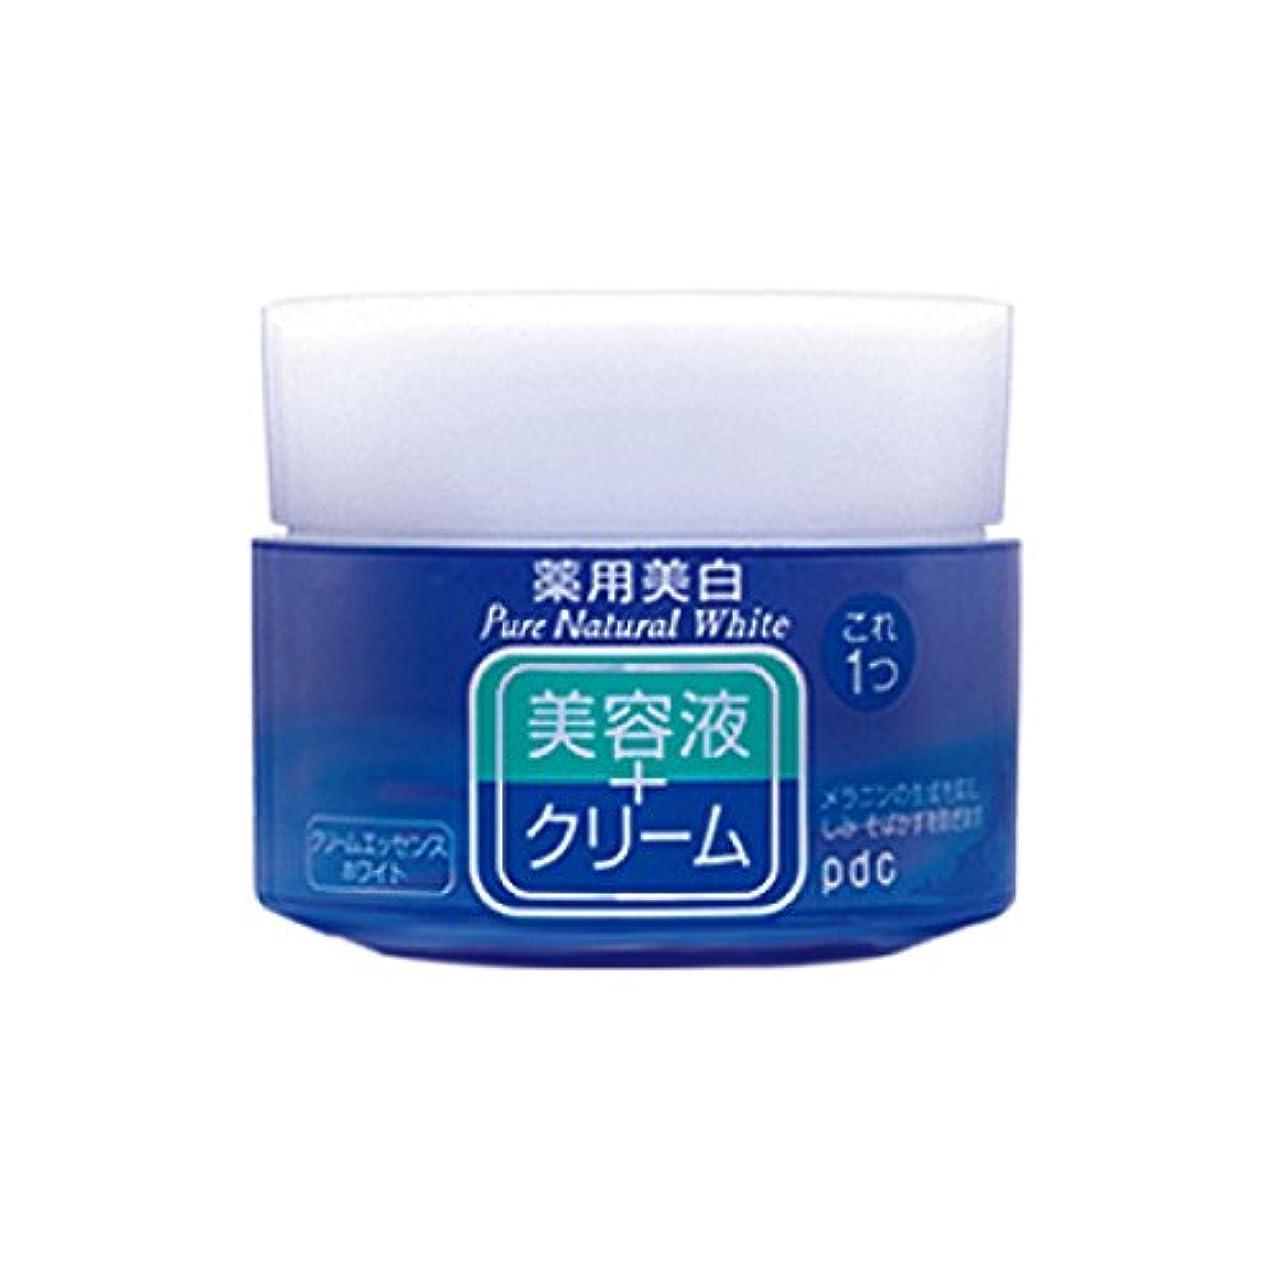 恵み愛人安全でないPure NATURAL(ピュアナチュラル) クリームエッセンス ホワイト 100g (医薬部外品)